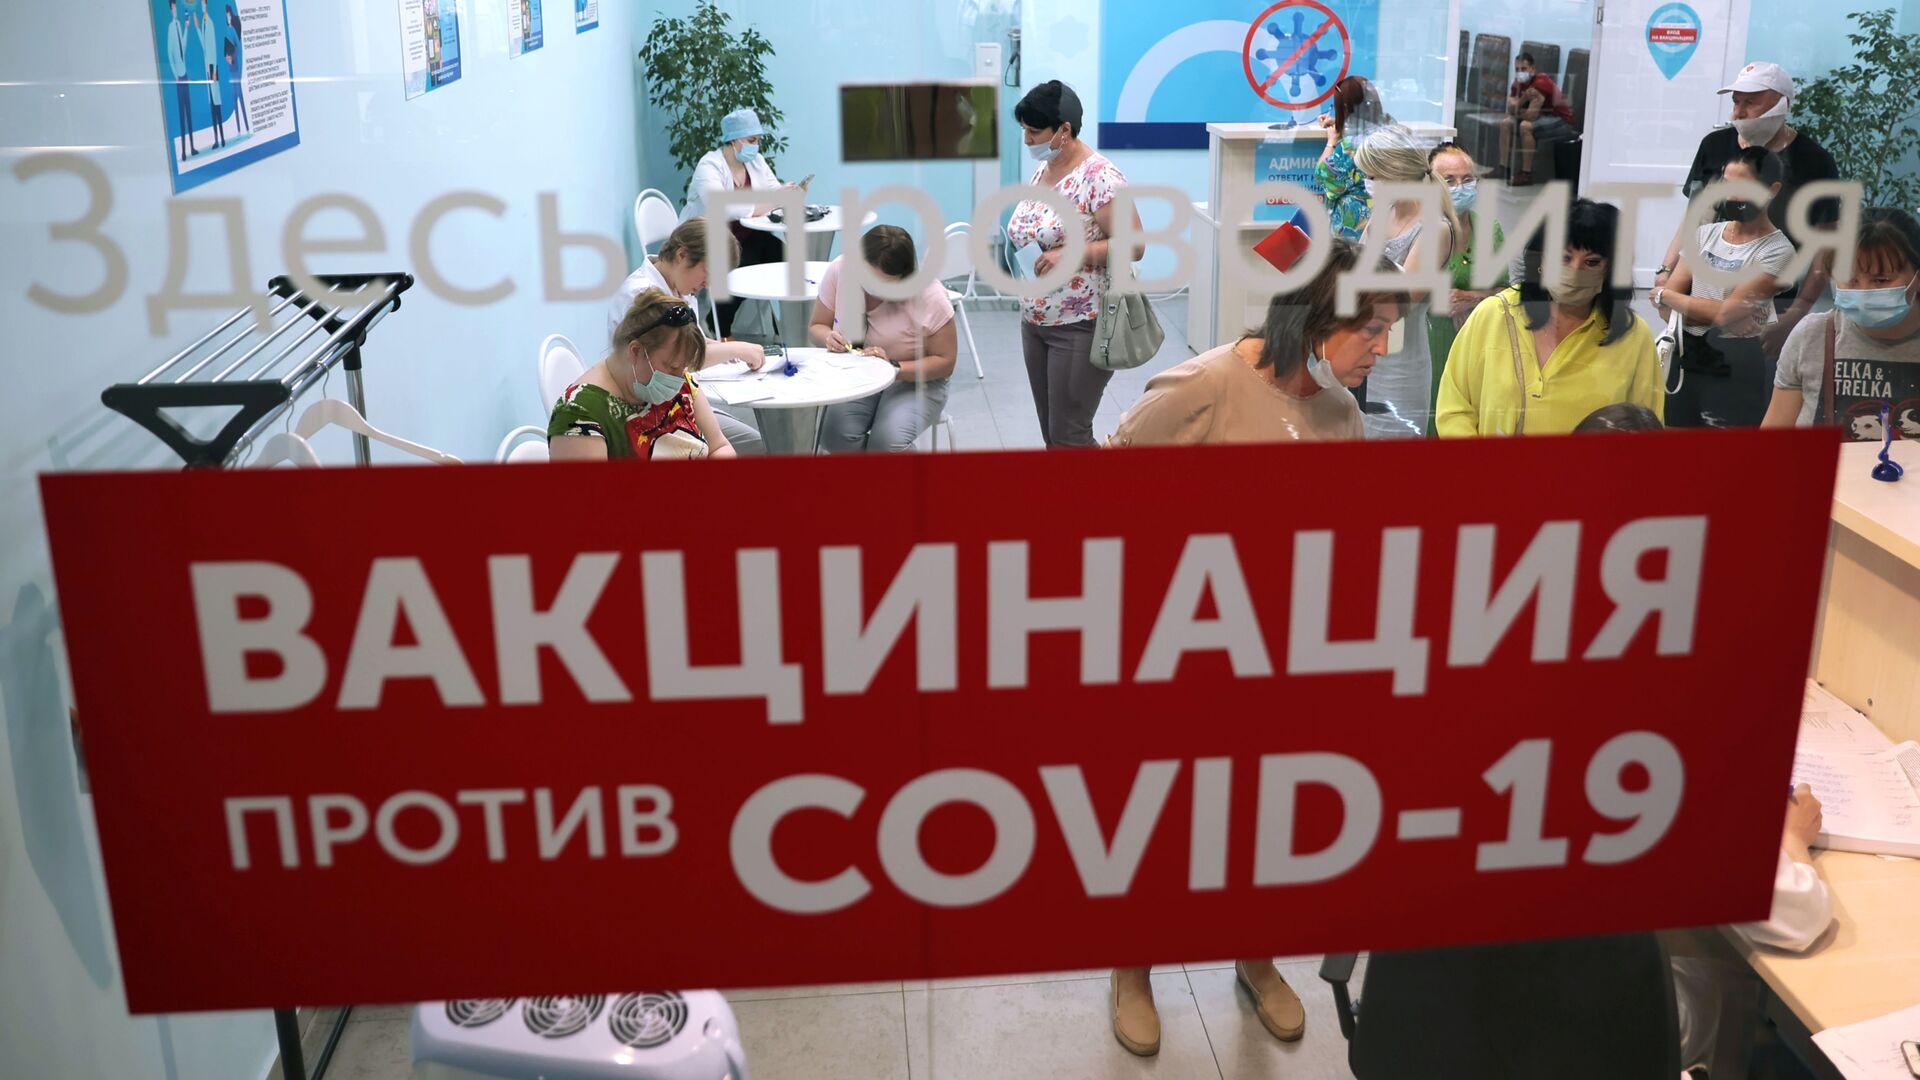 Вакцинация от COVID-19 в Туле - РИА Новости, 1920, 02.09.2021